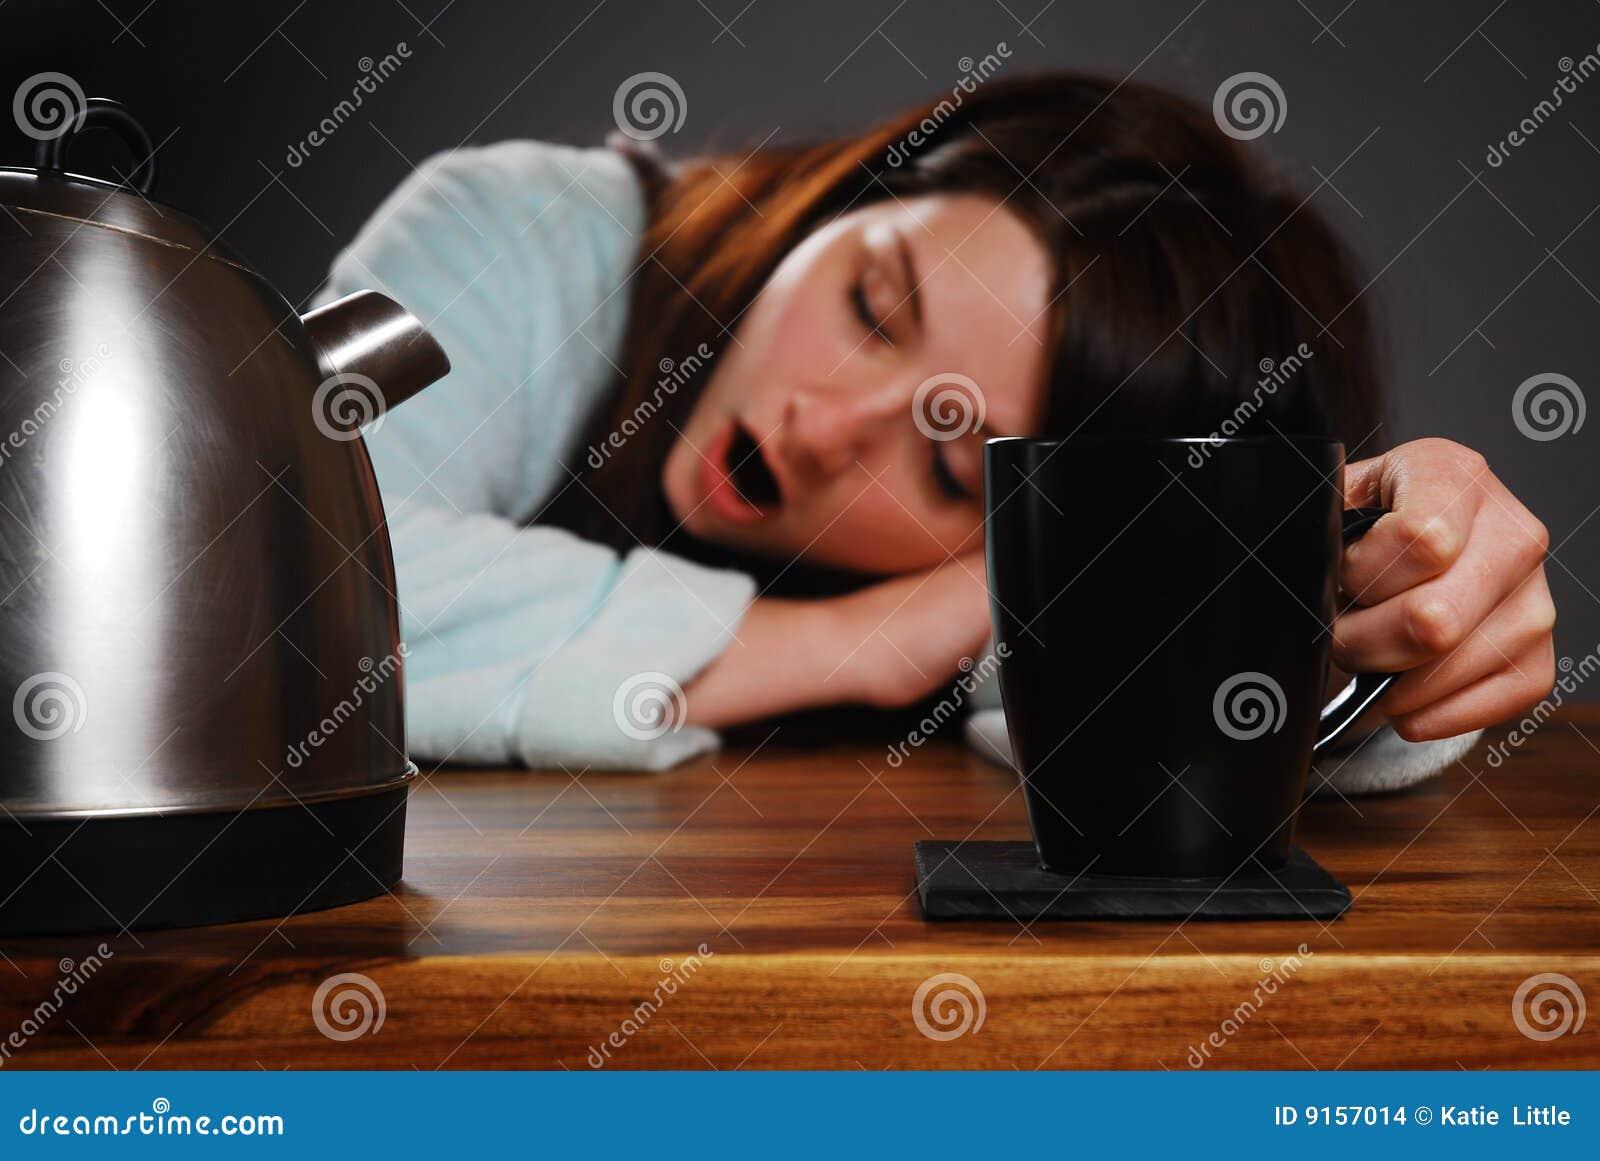 Müde Frau